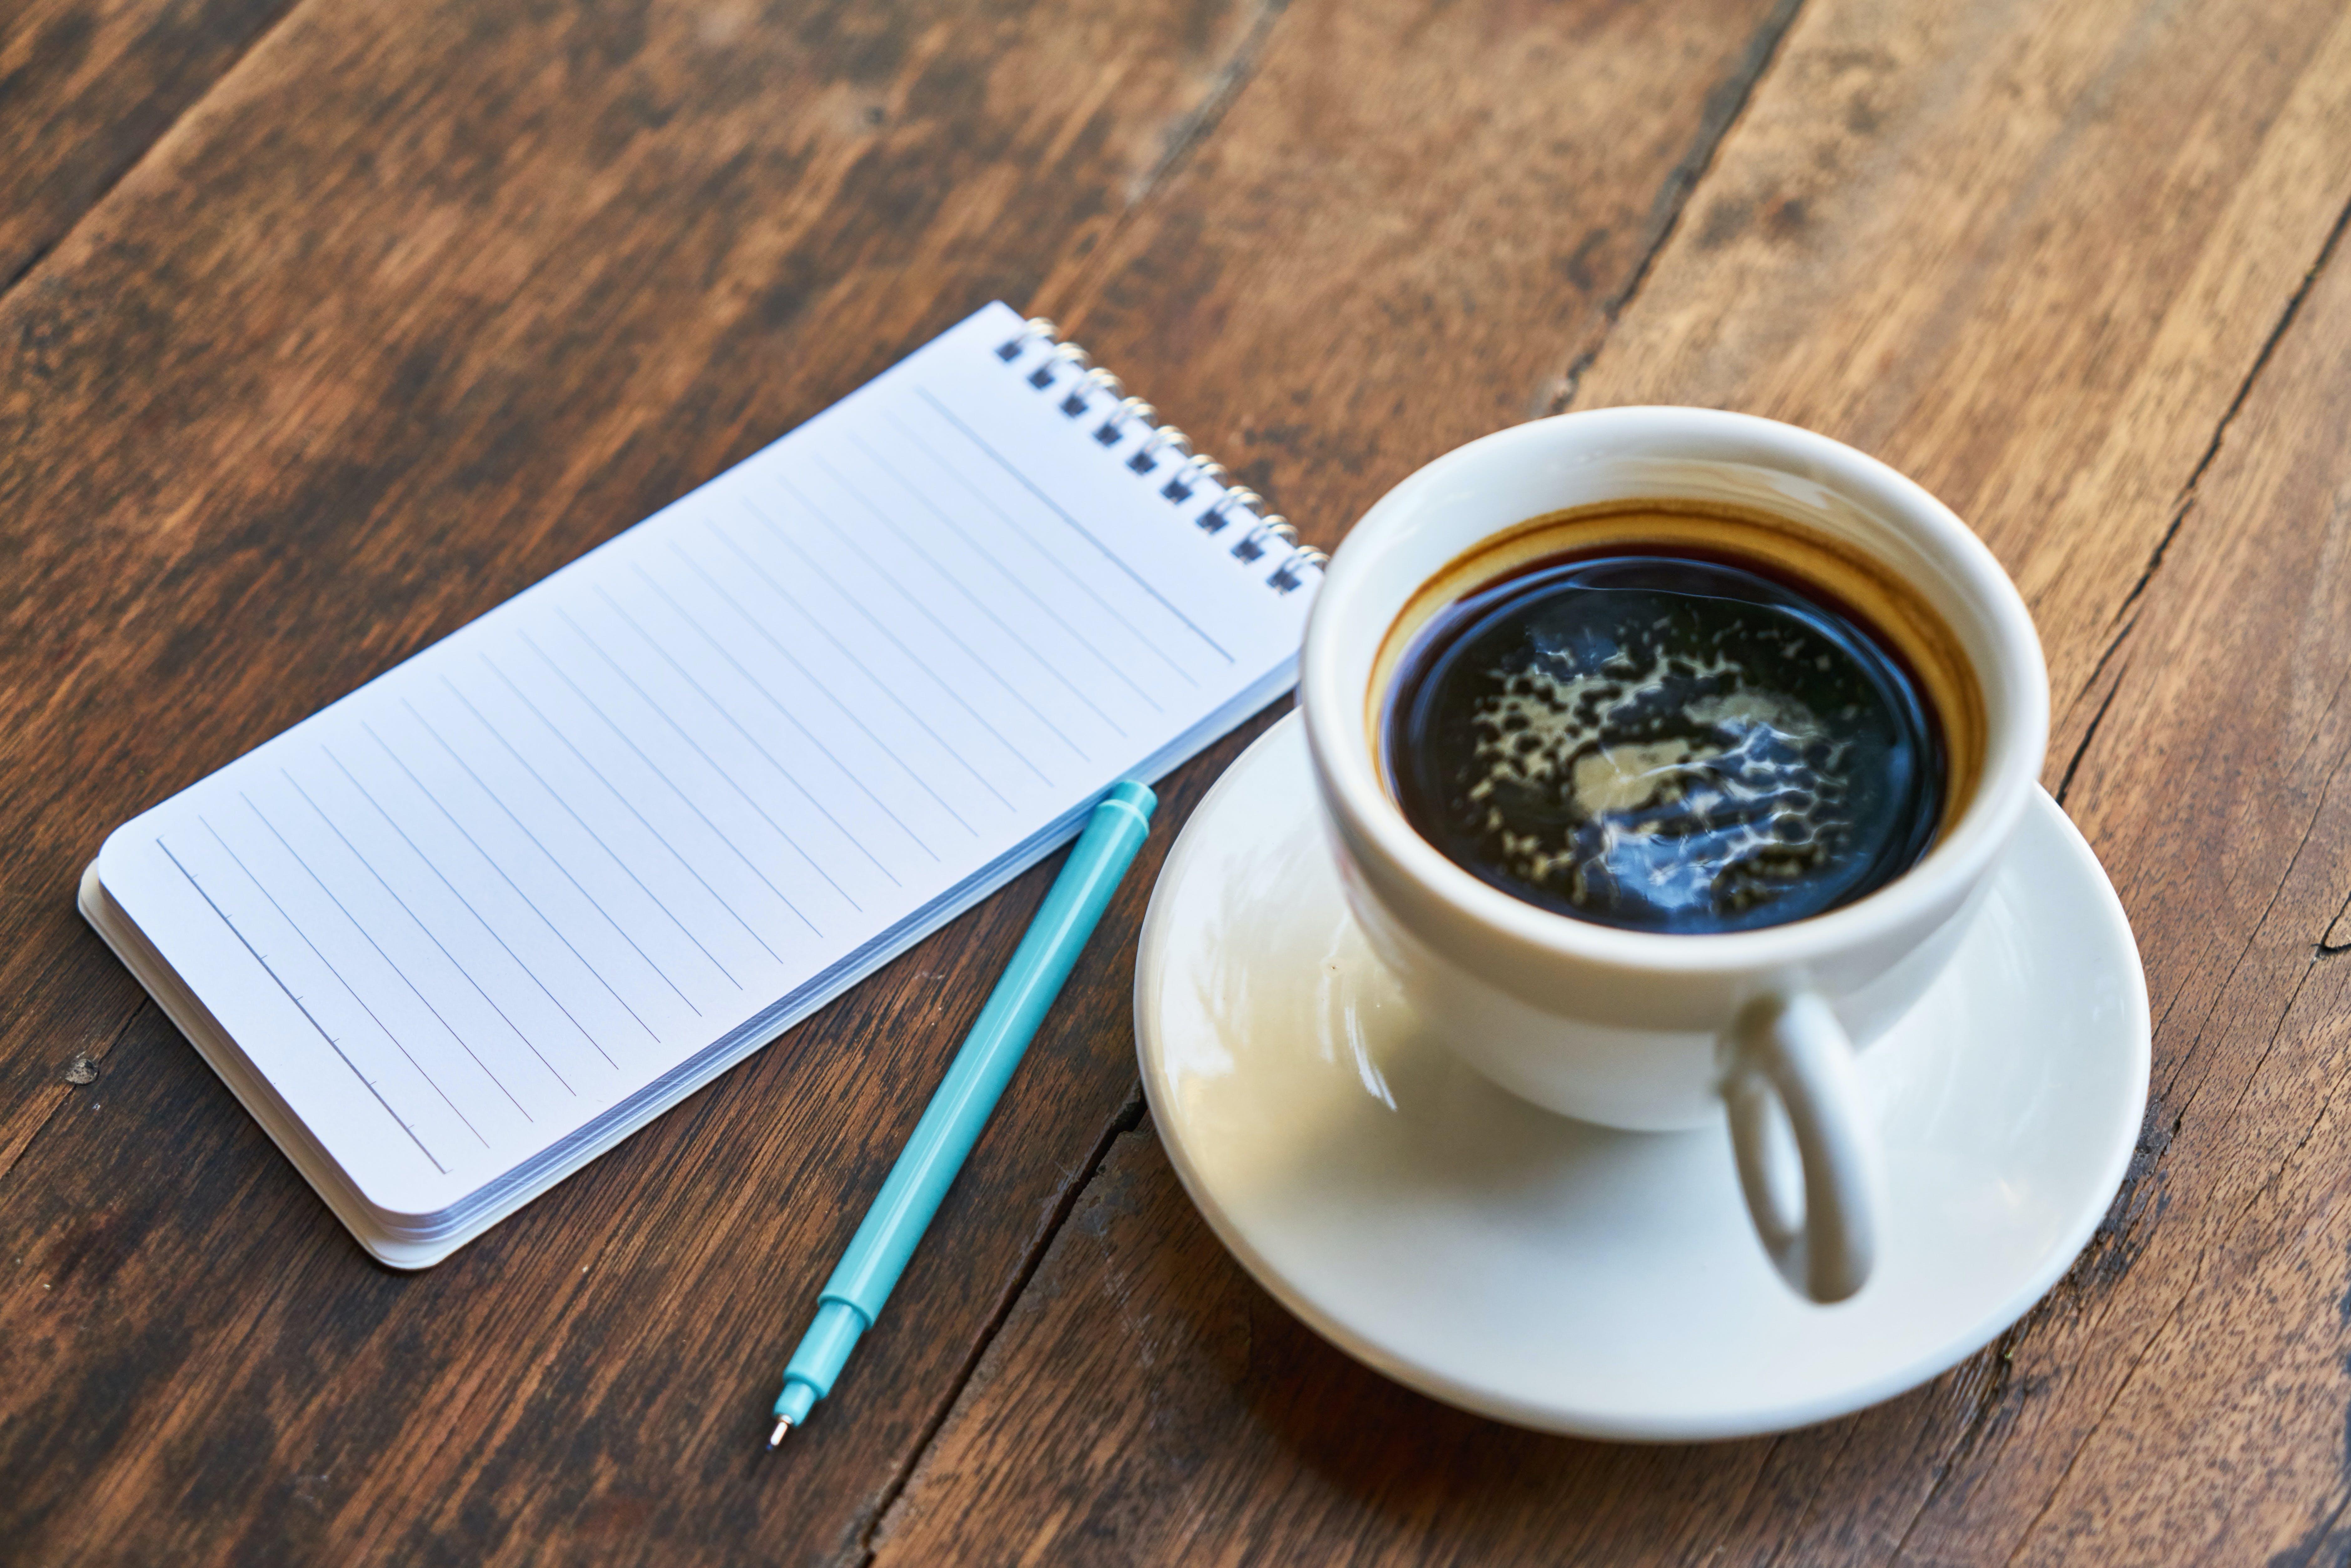 Gratis lagerfoto af espresso, kaffe, kop, kop kaffe